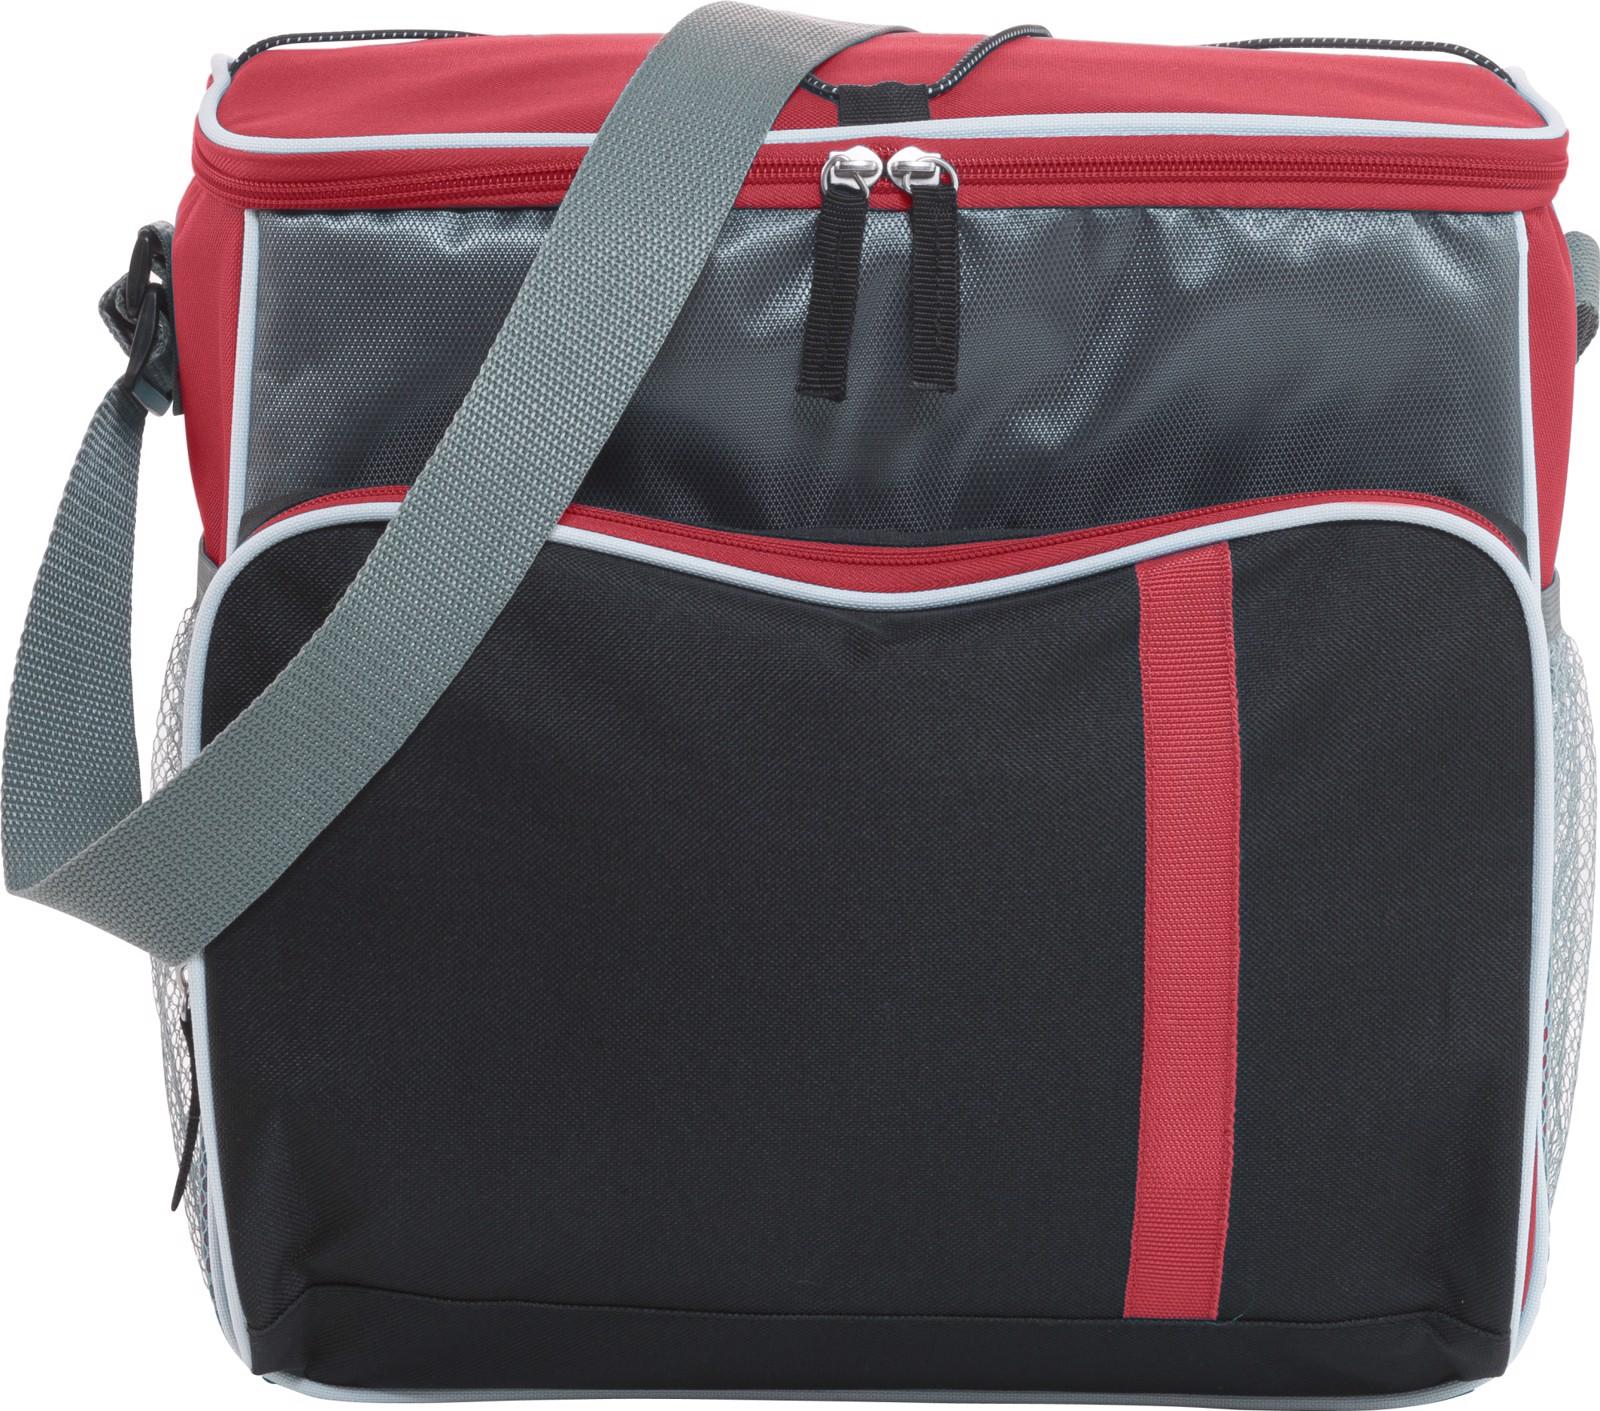 Polyester (600D) cooler bag - Red